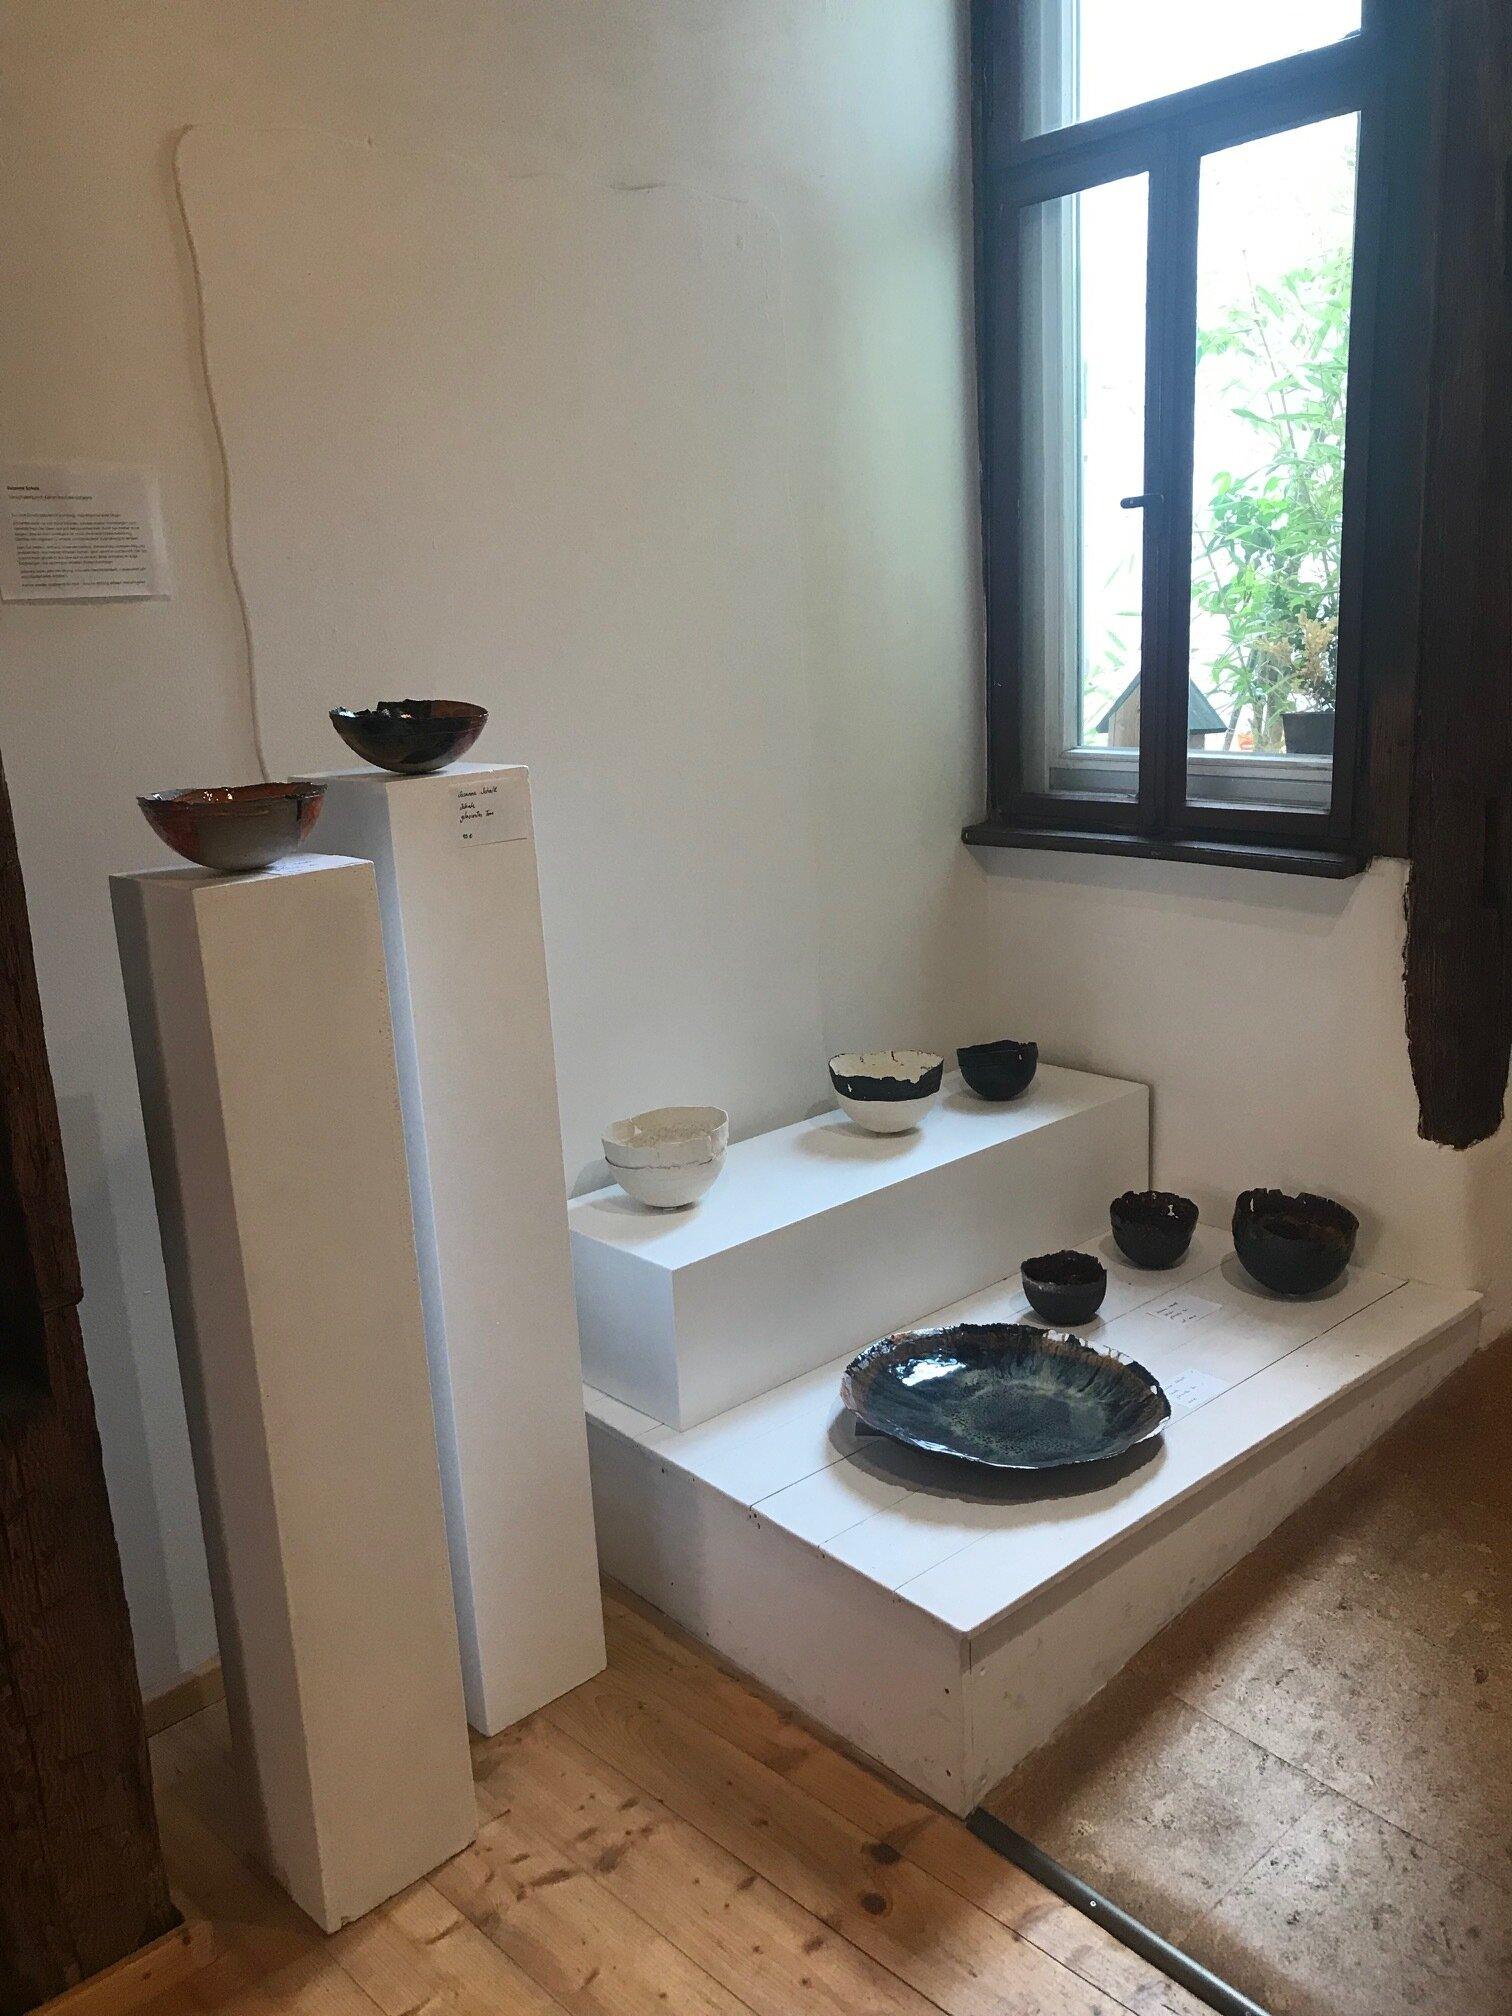 Dauerausstellung 2019: Susanne Schalk